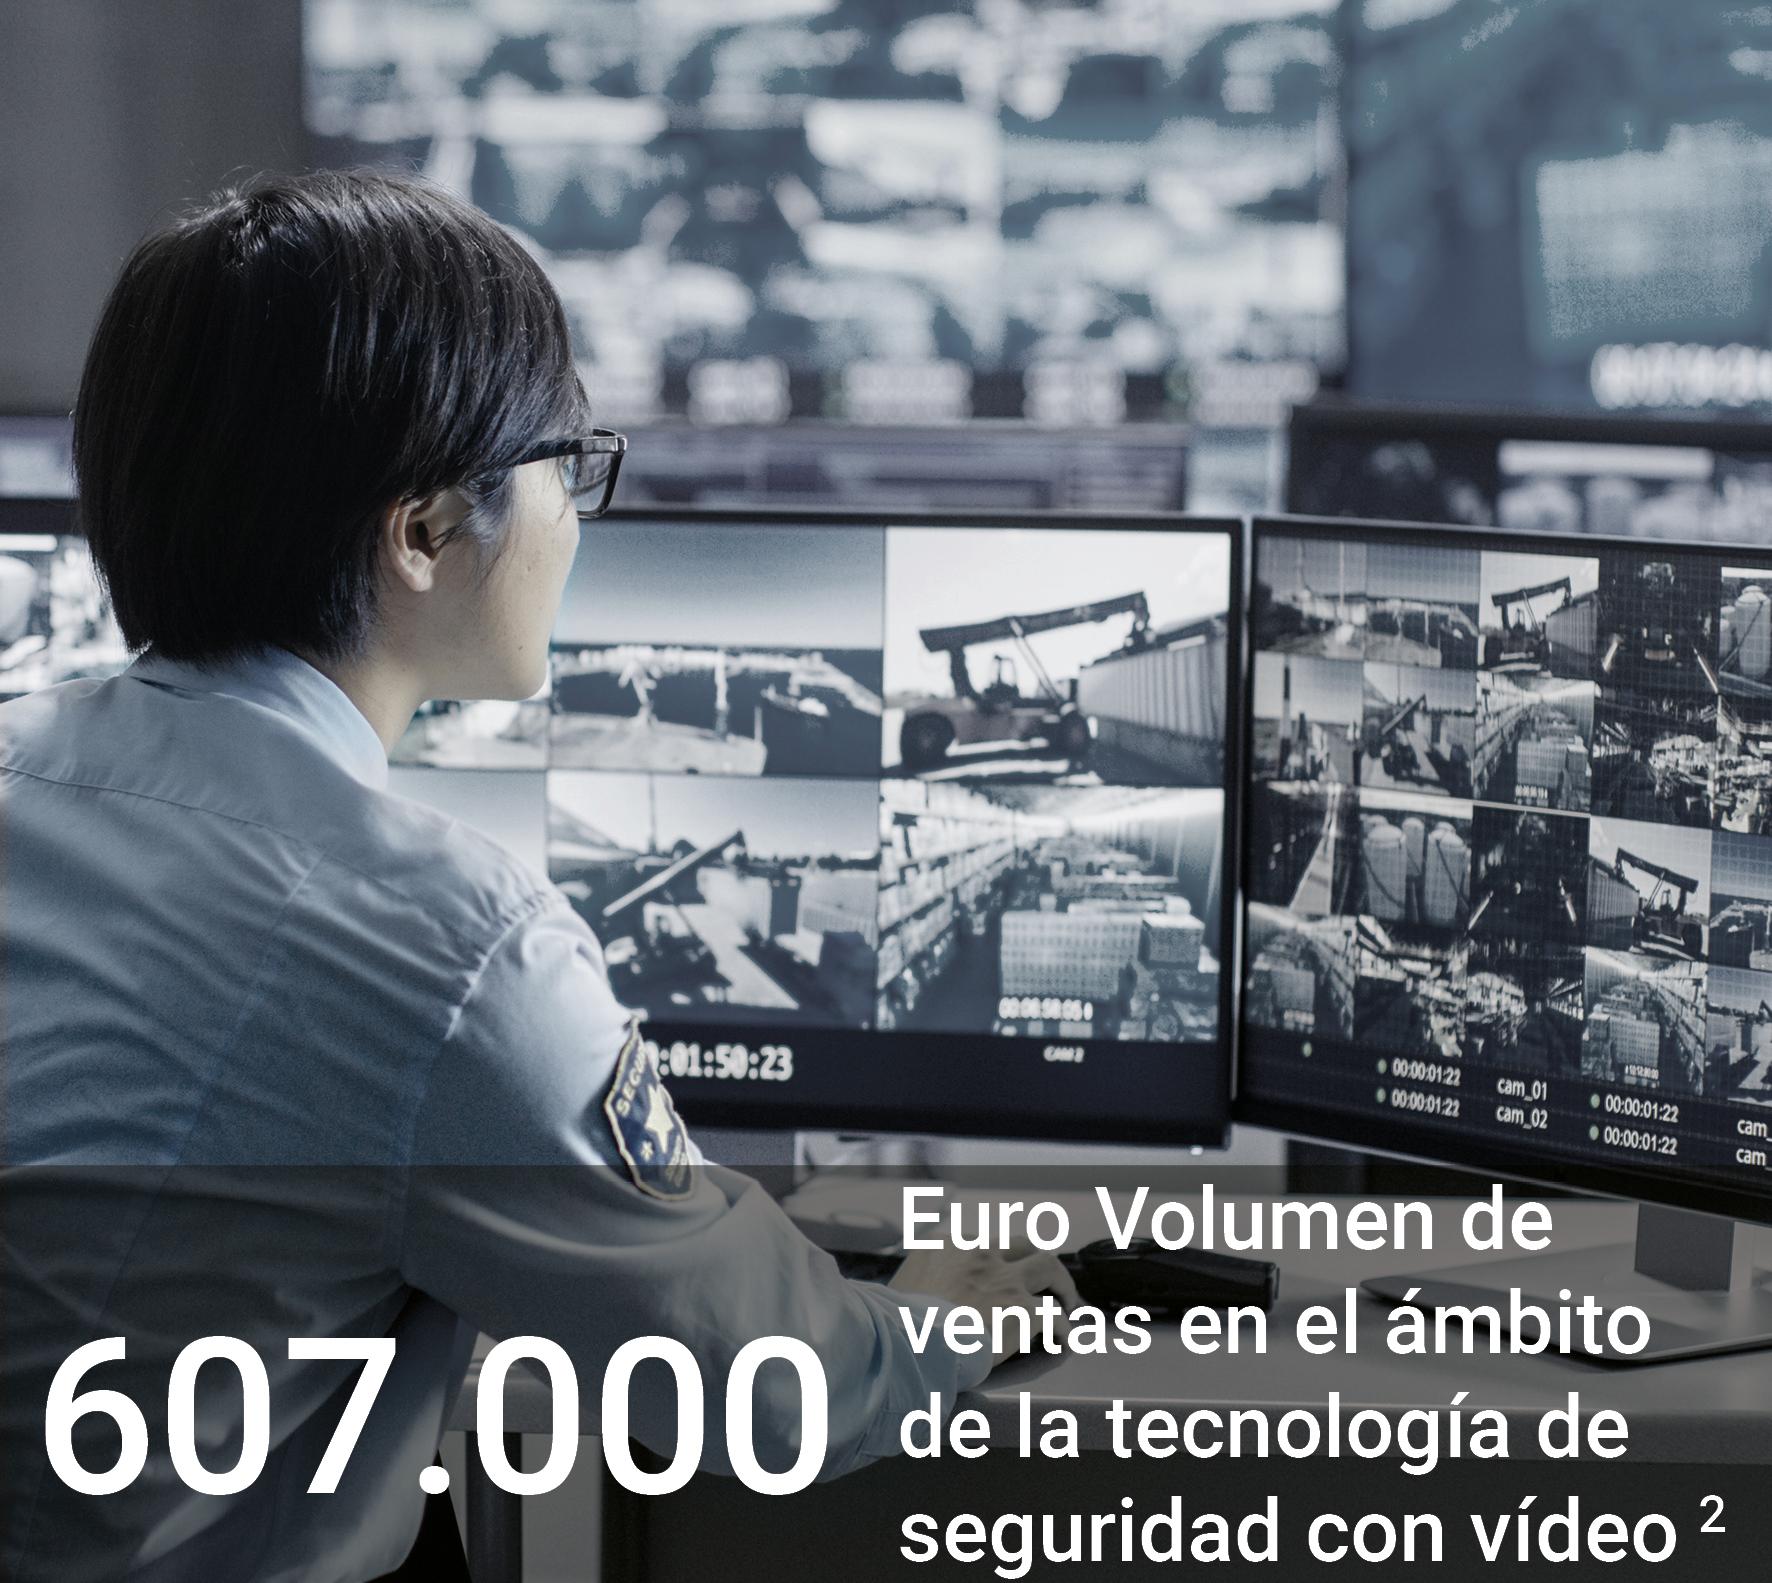 Tecnología de seguridad por vídeo